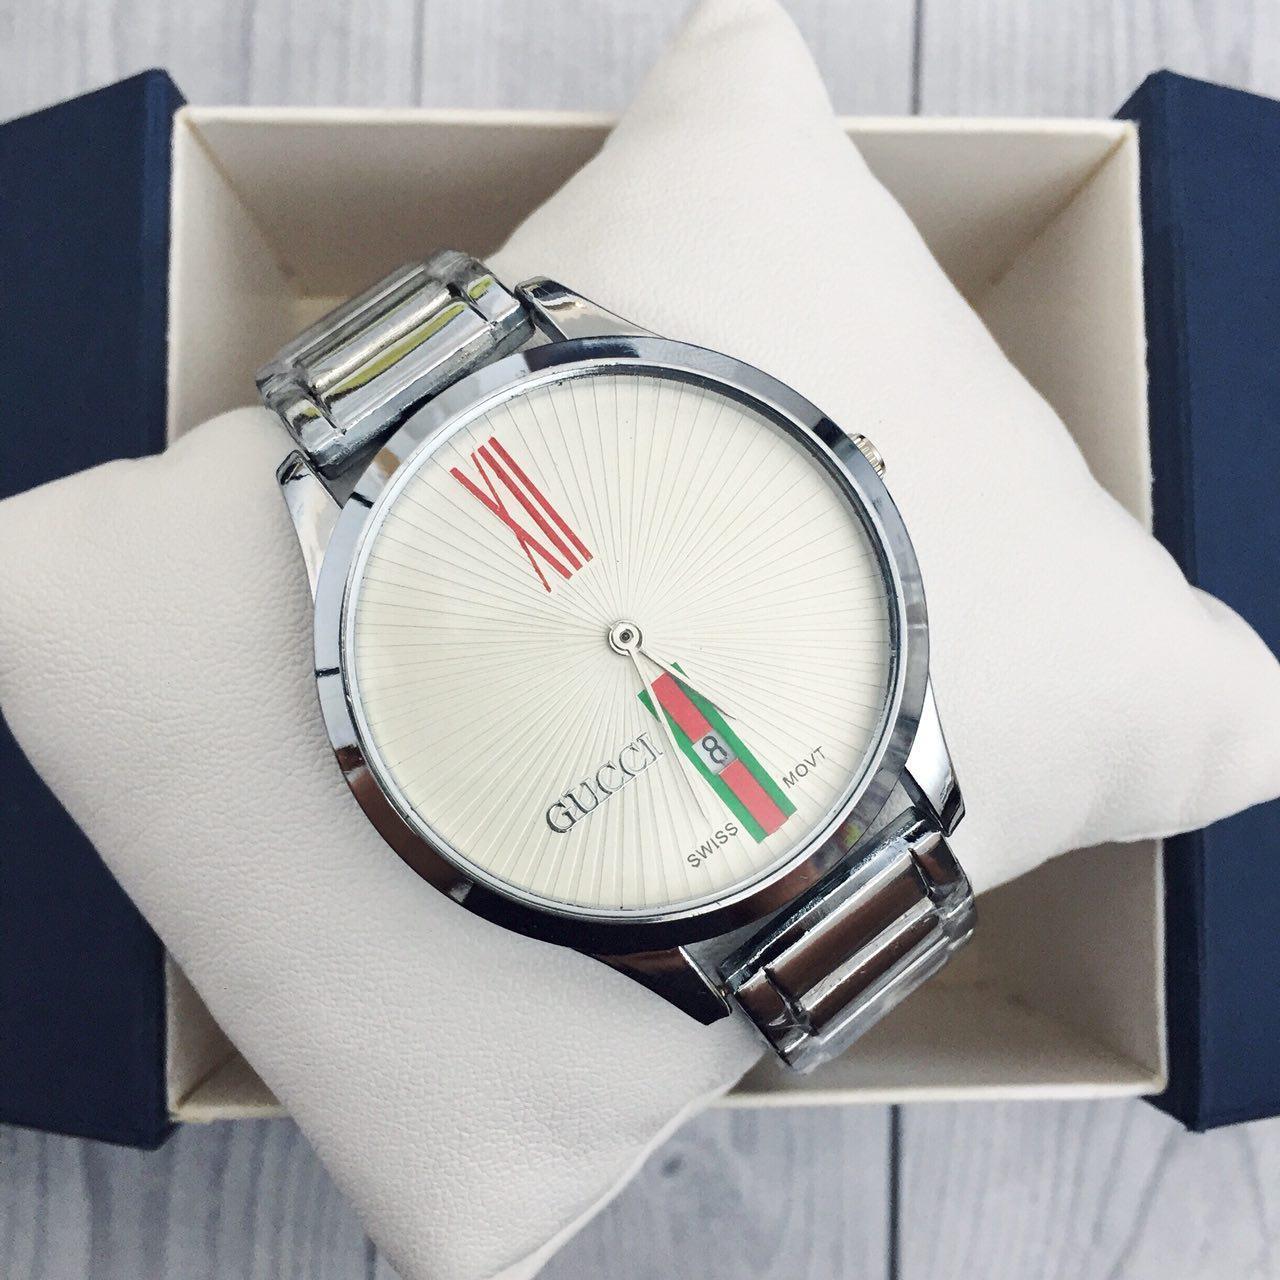 Gucci 9201 Silver-White